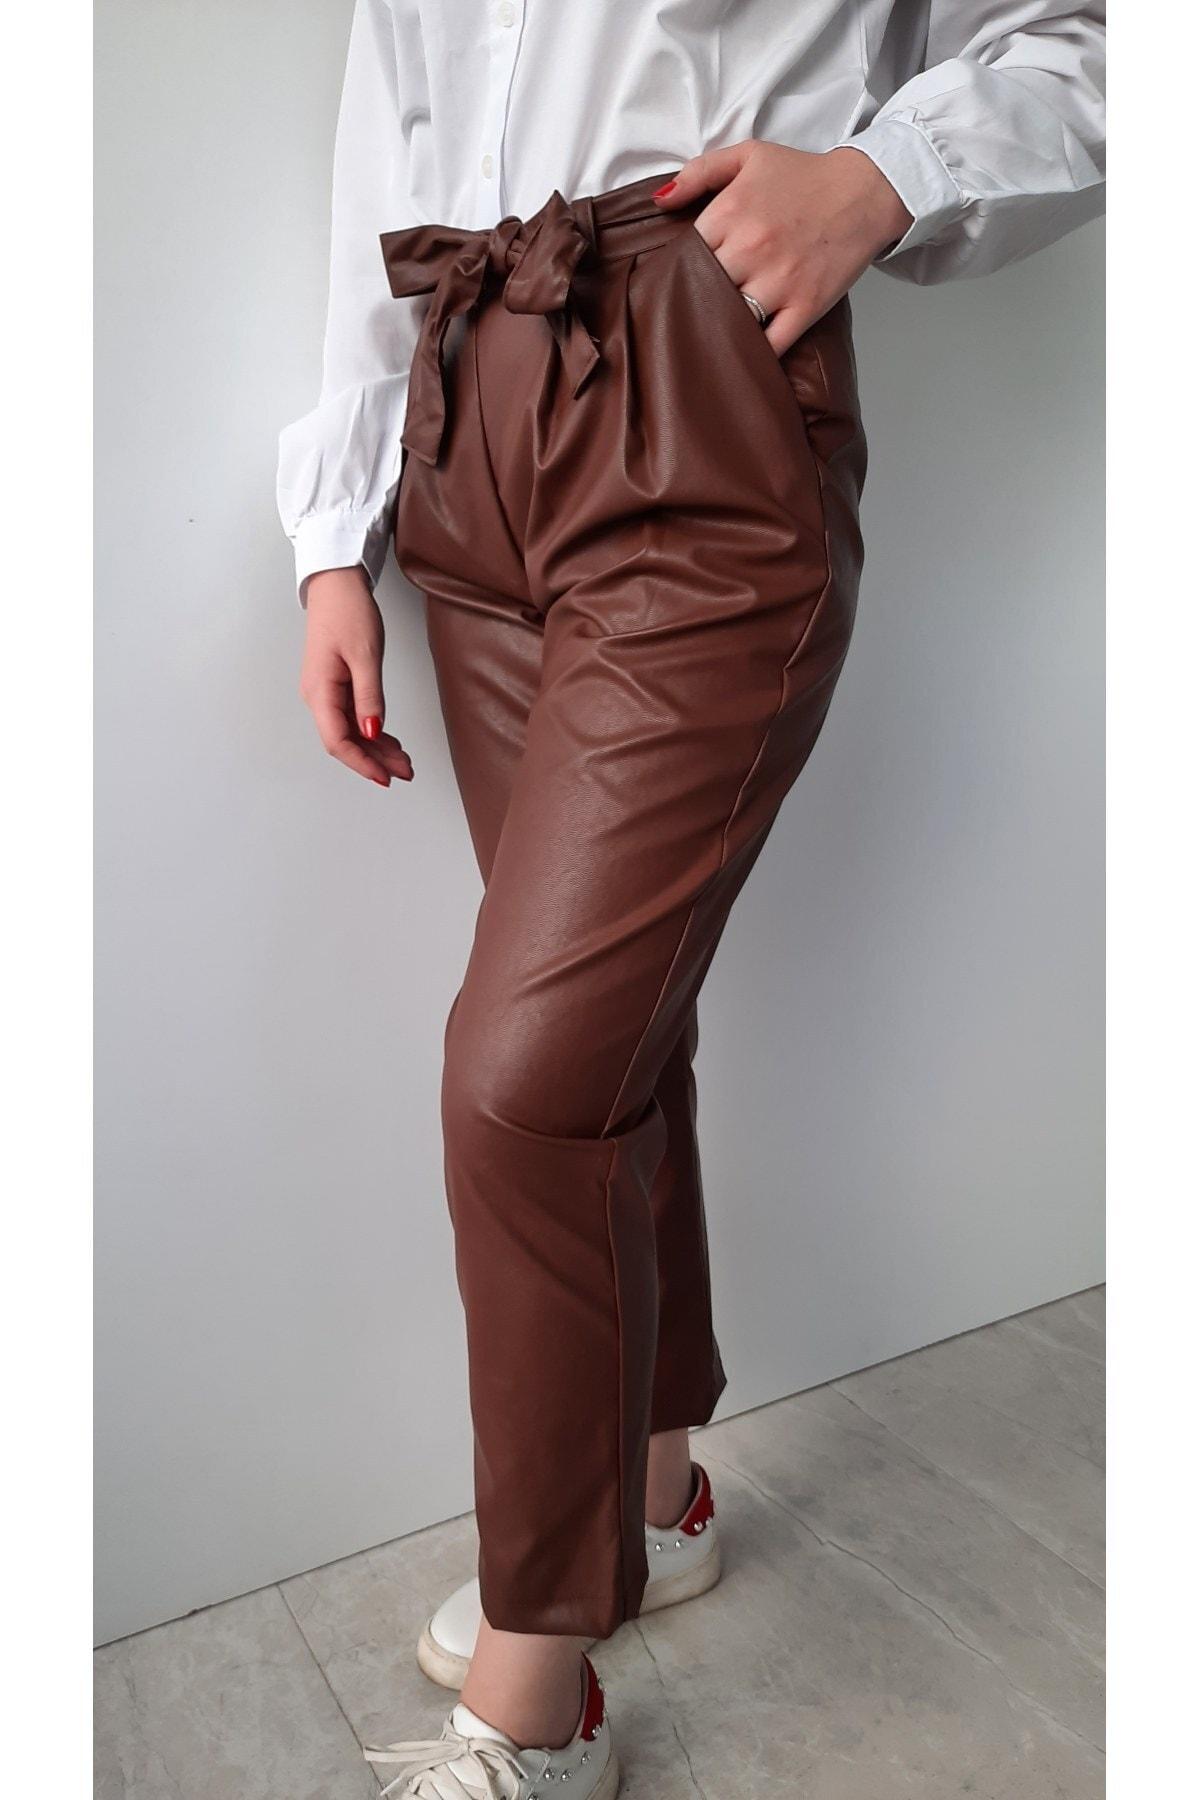 BEBE PLUS Kadın Taba Deri Kemerli Havuç Pantolon 2